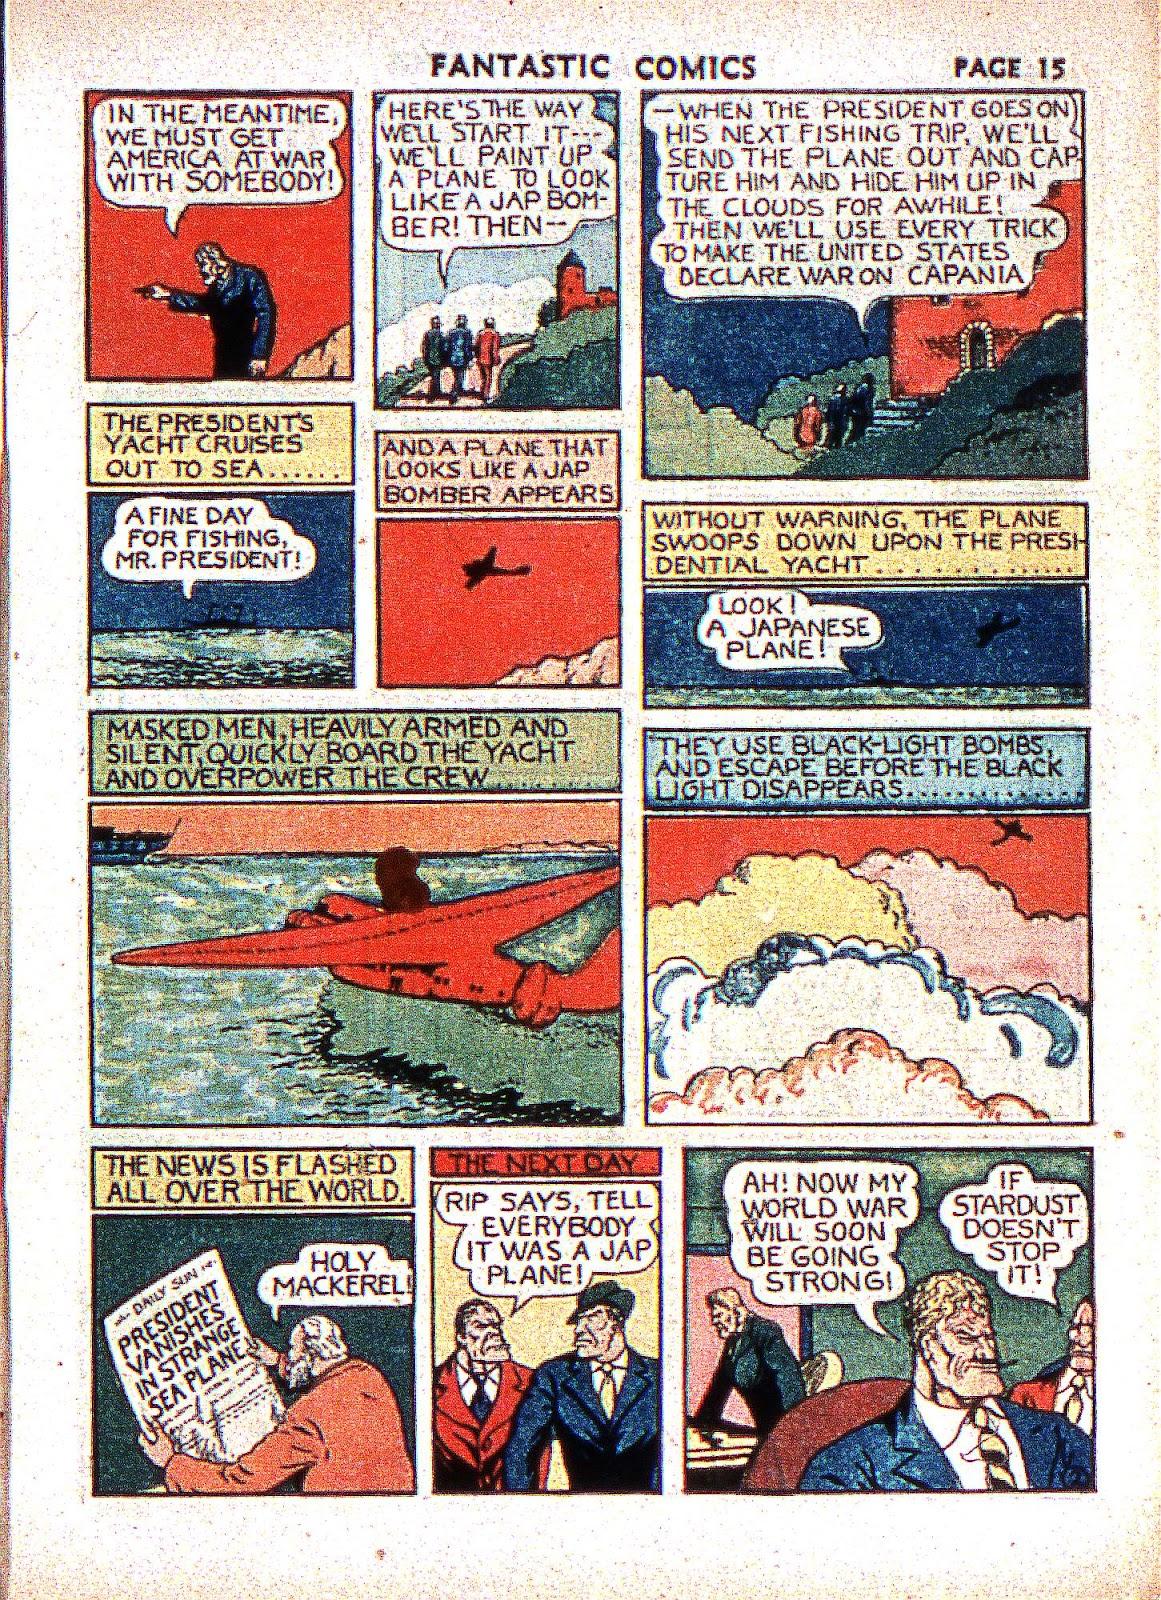 Read online Fantastic Comics comic -  Issue #2 - 17